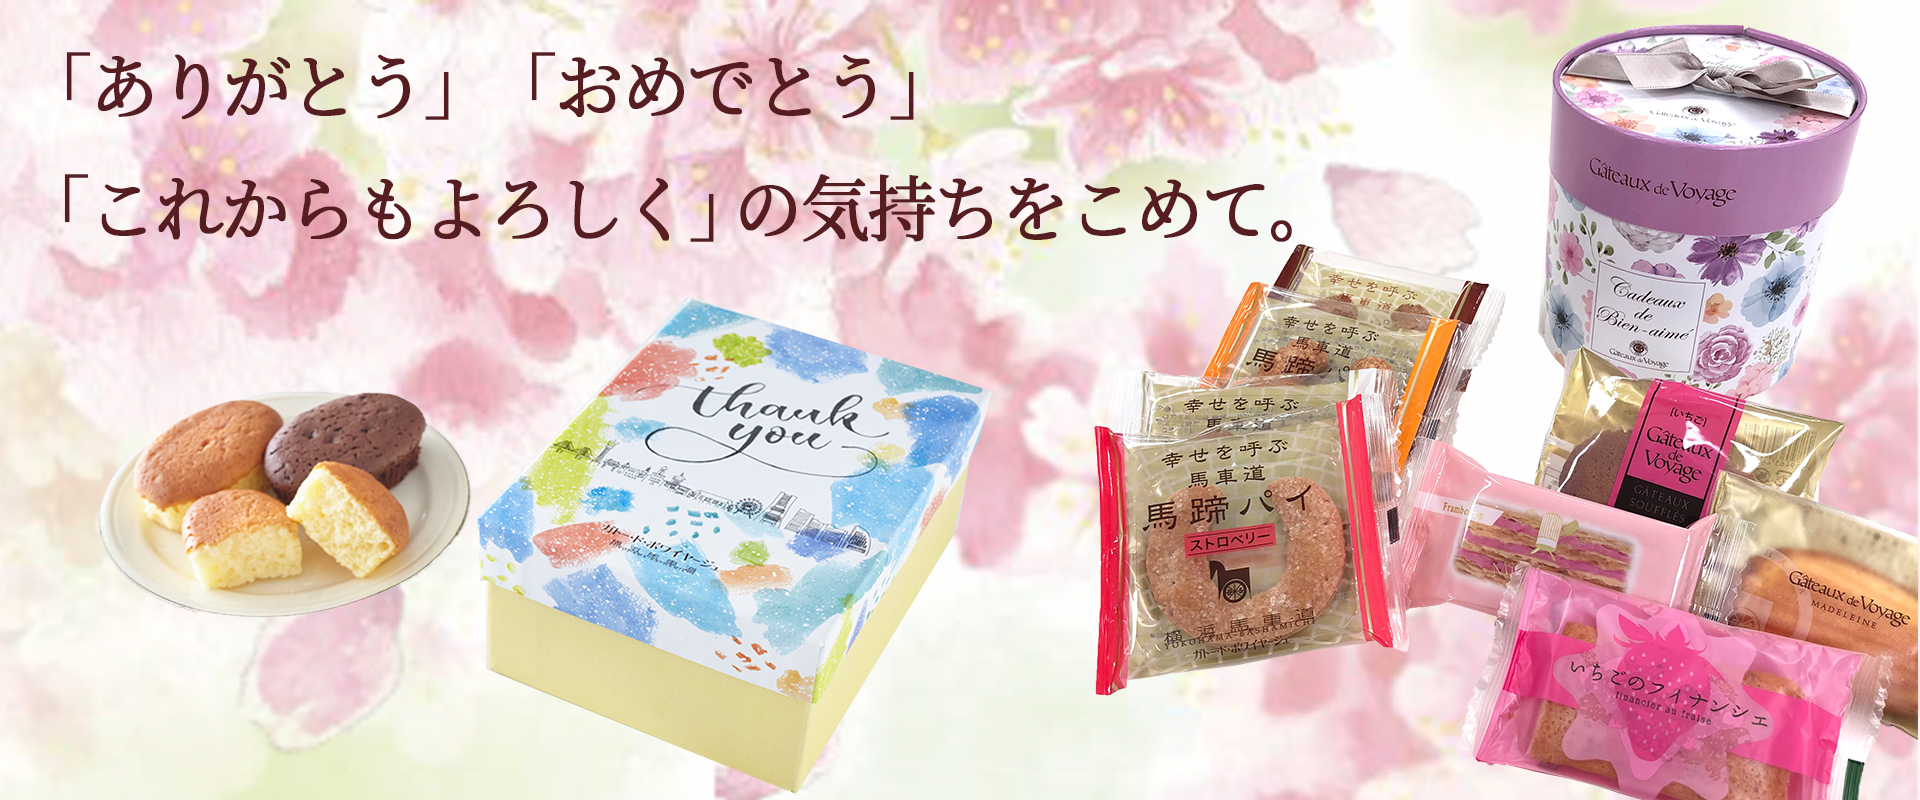 春の贈り物